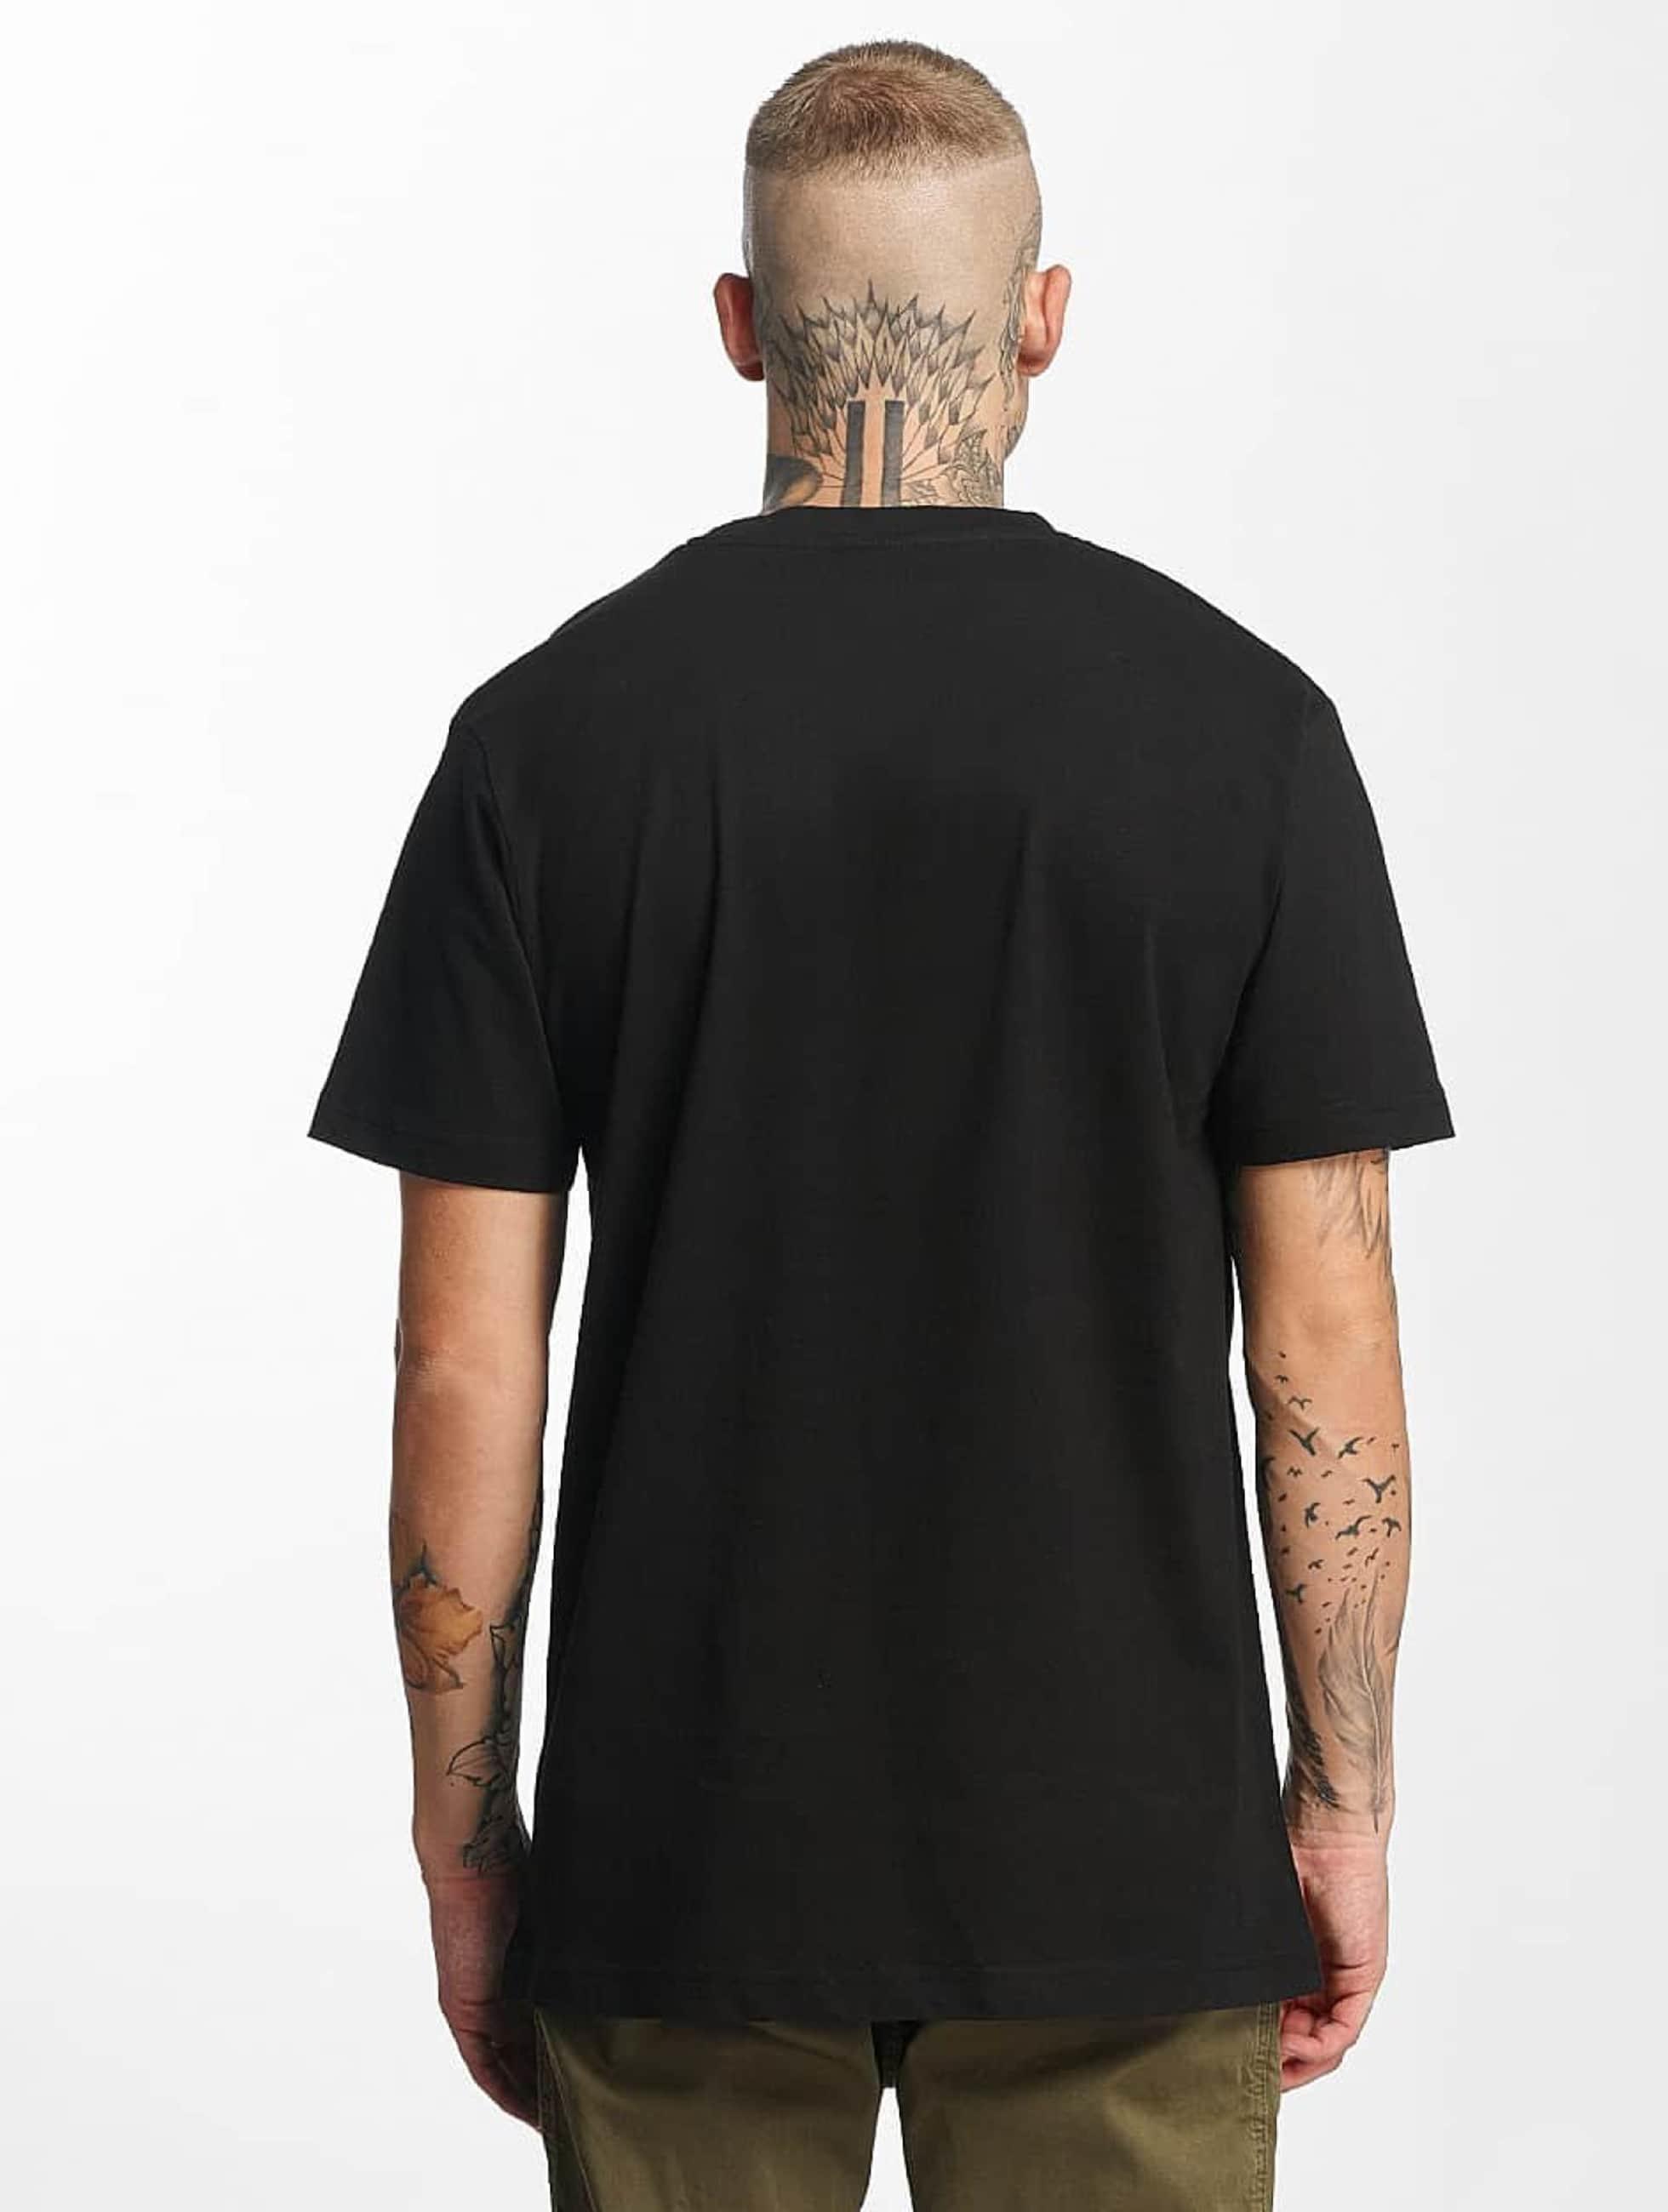 Mister Tee T-Shirt Bob Marley Roots noir